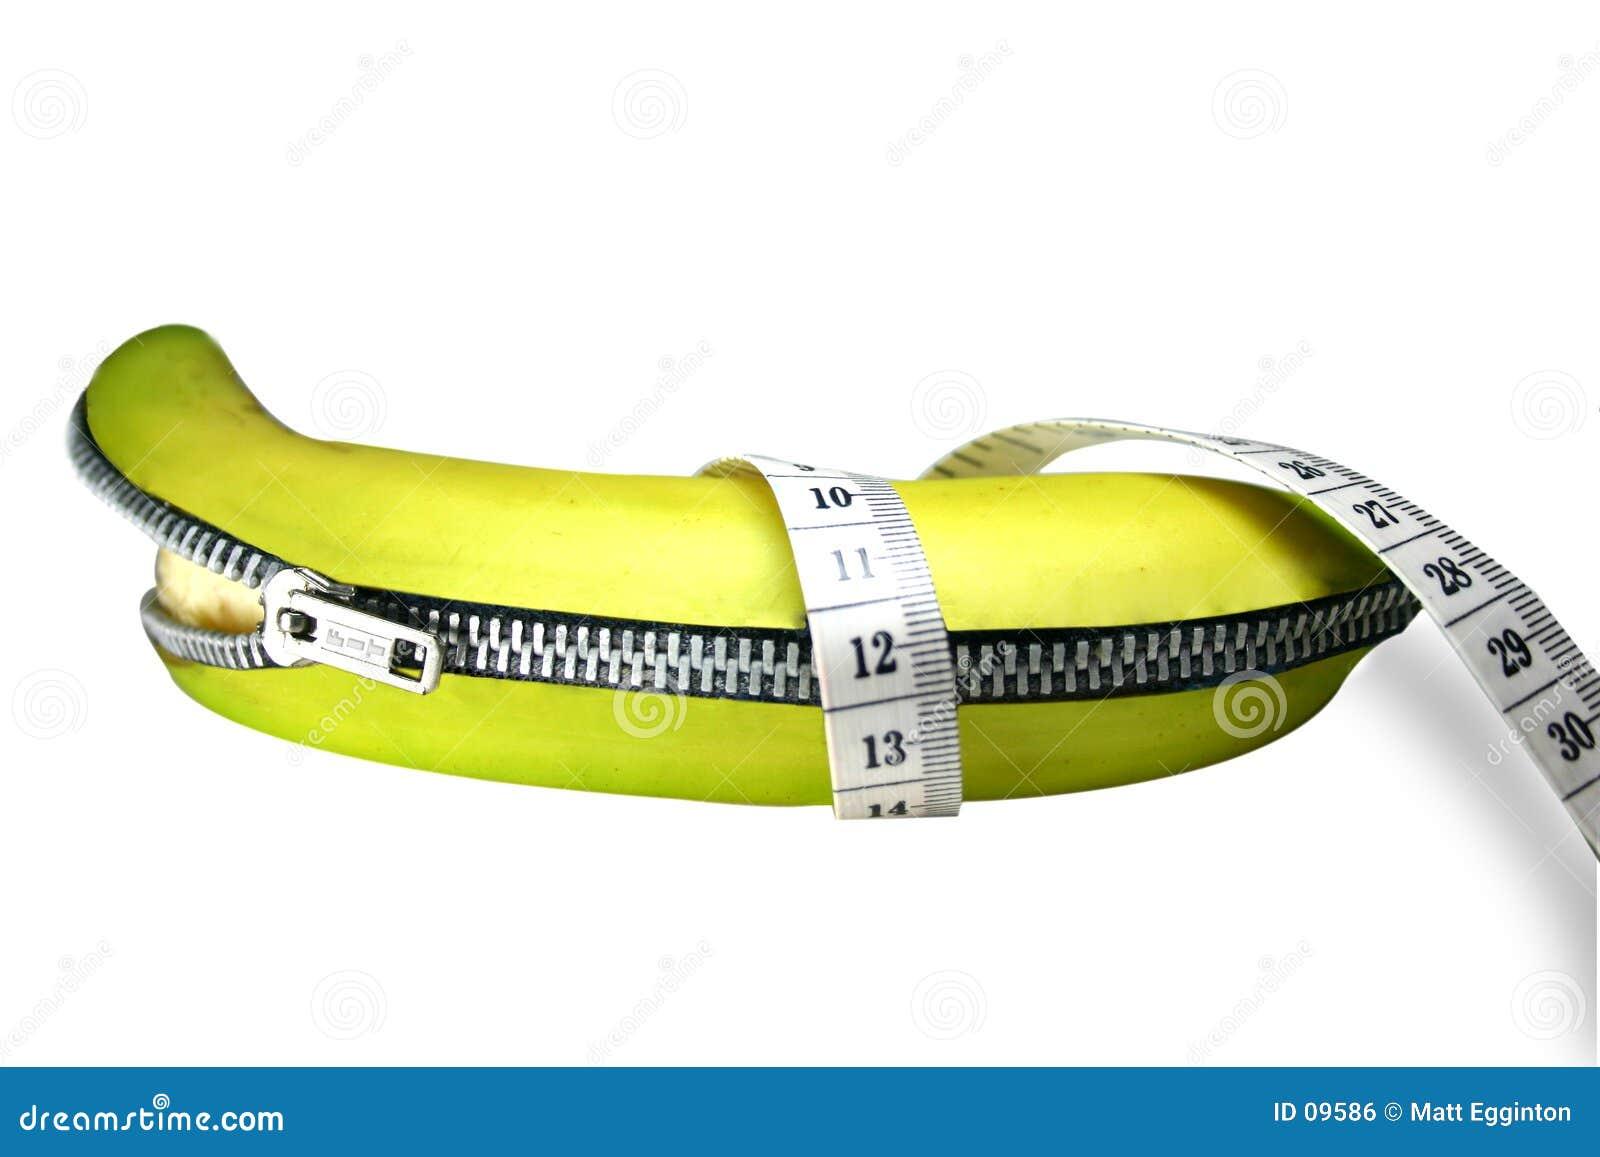 Dra ned blixtlåset på för banan